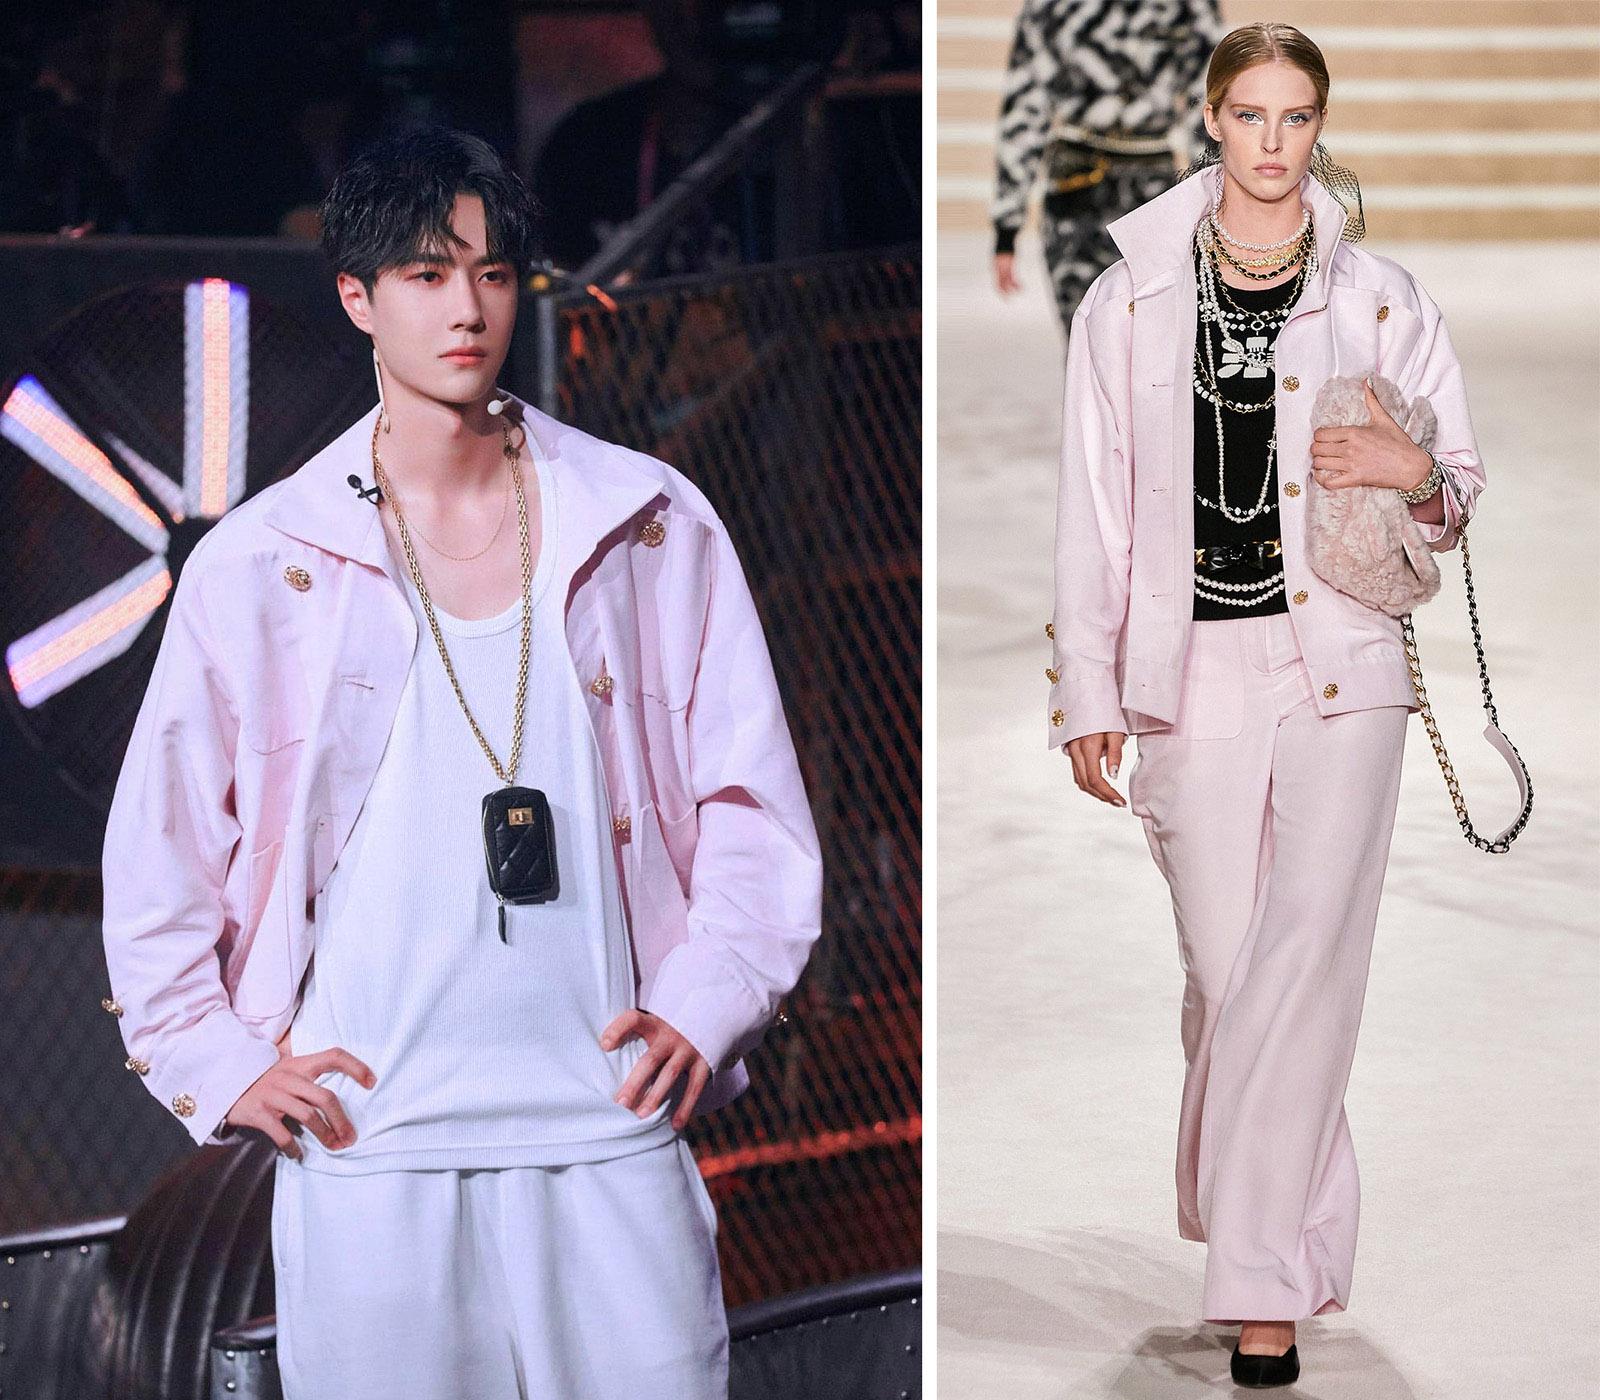 Trong chương trình Street Dance of China, Vương Nhất Bác tạo điểm nhấn cho phong cách bằng mẫu áo khoác hồng thuộc bộ sưu tập Chanel Pre-Fall 2020.